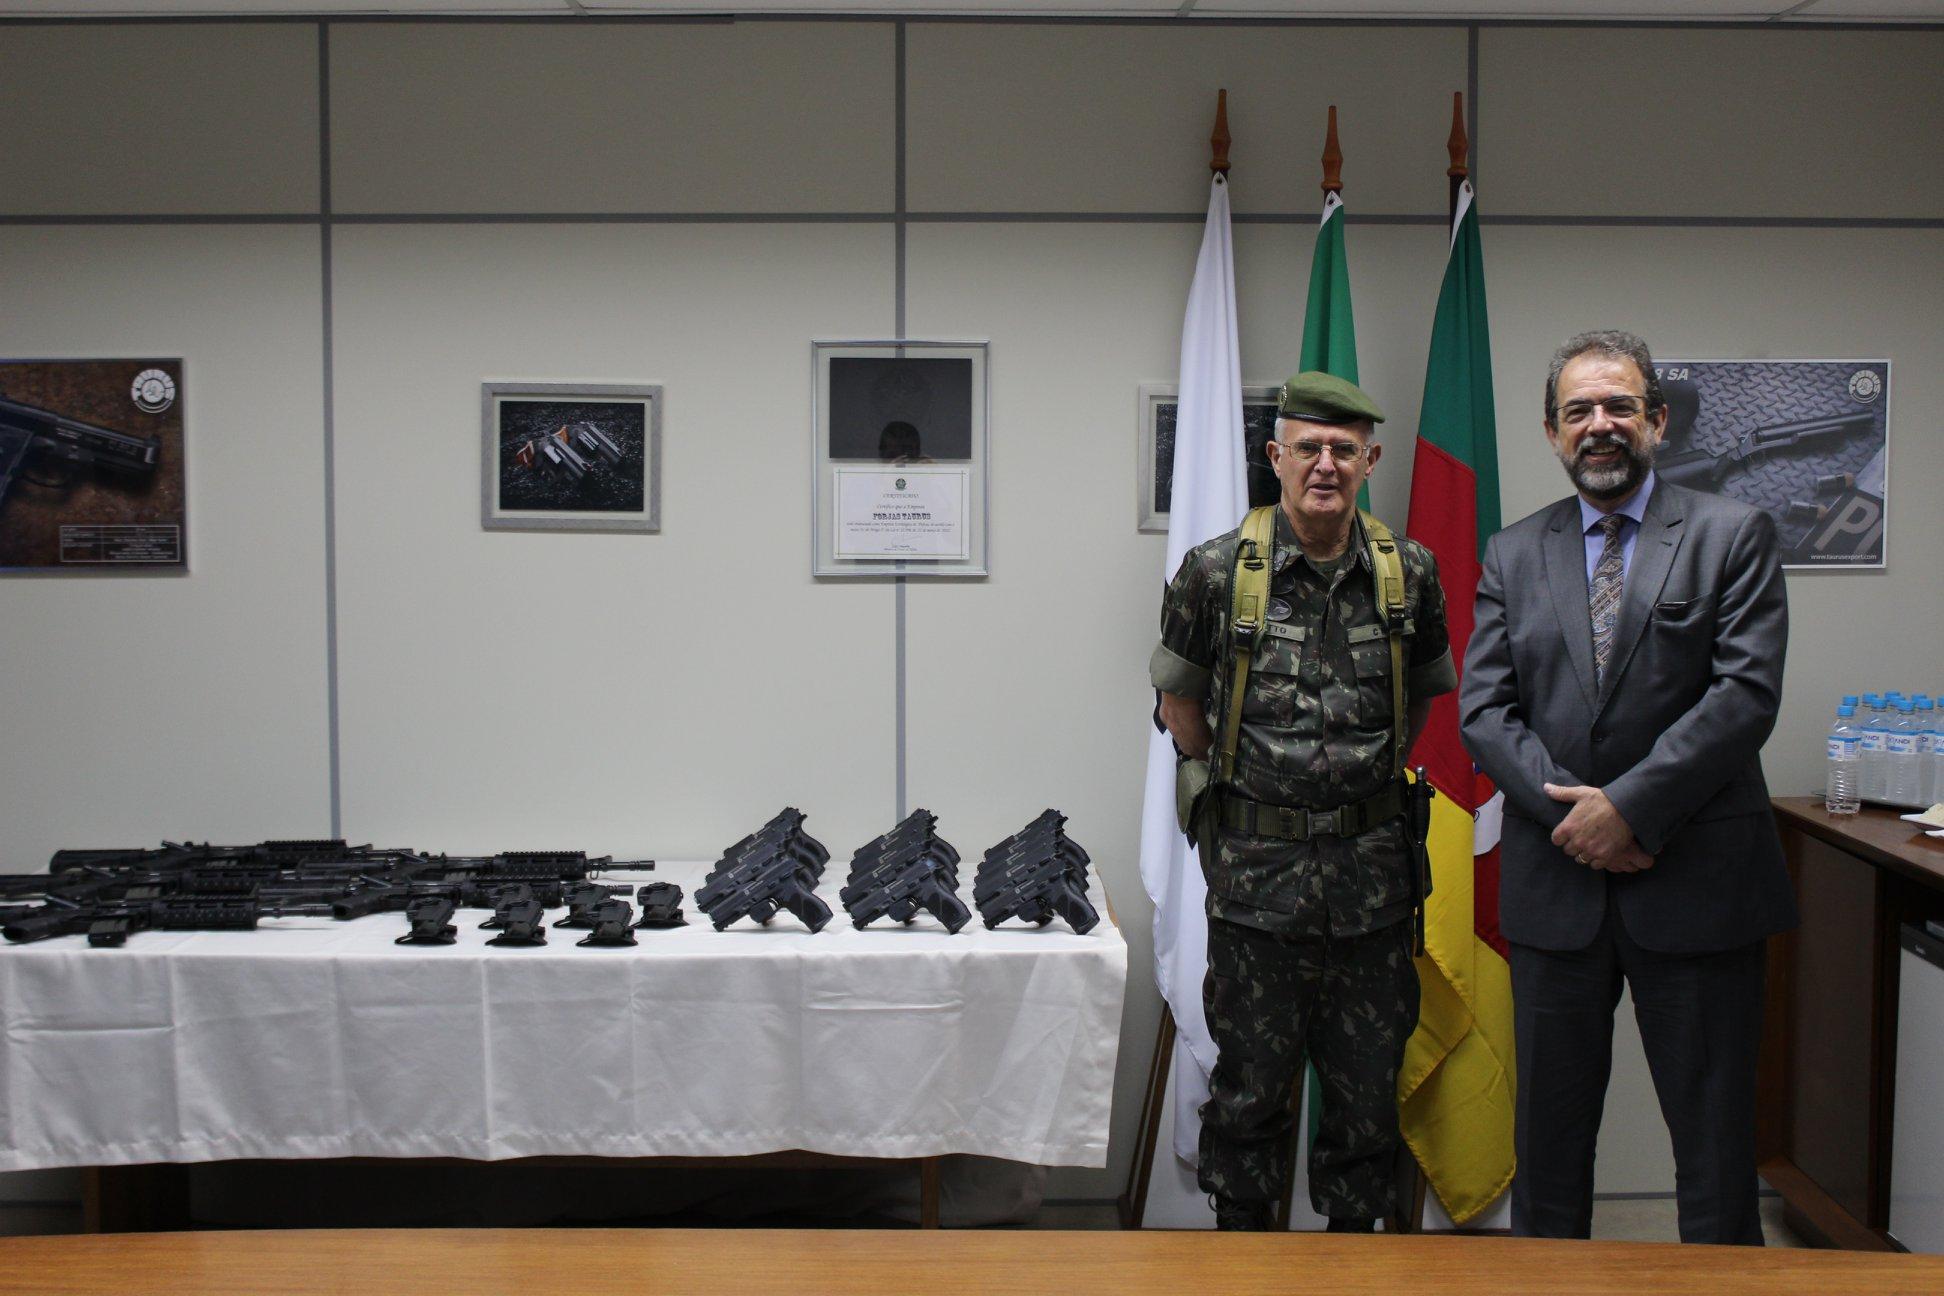 Taurus entrega lote de armas ao Exército Brasileiro.